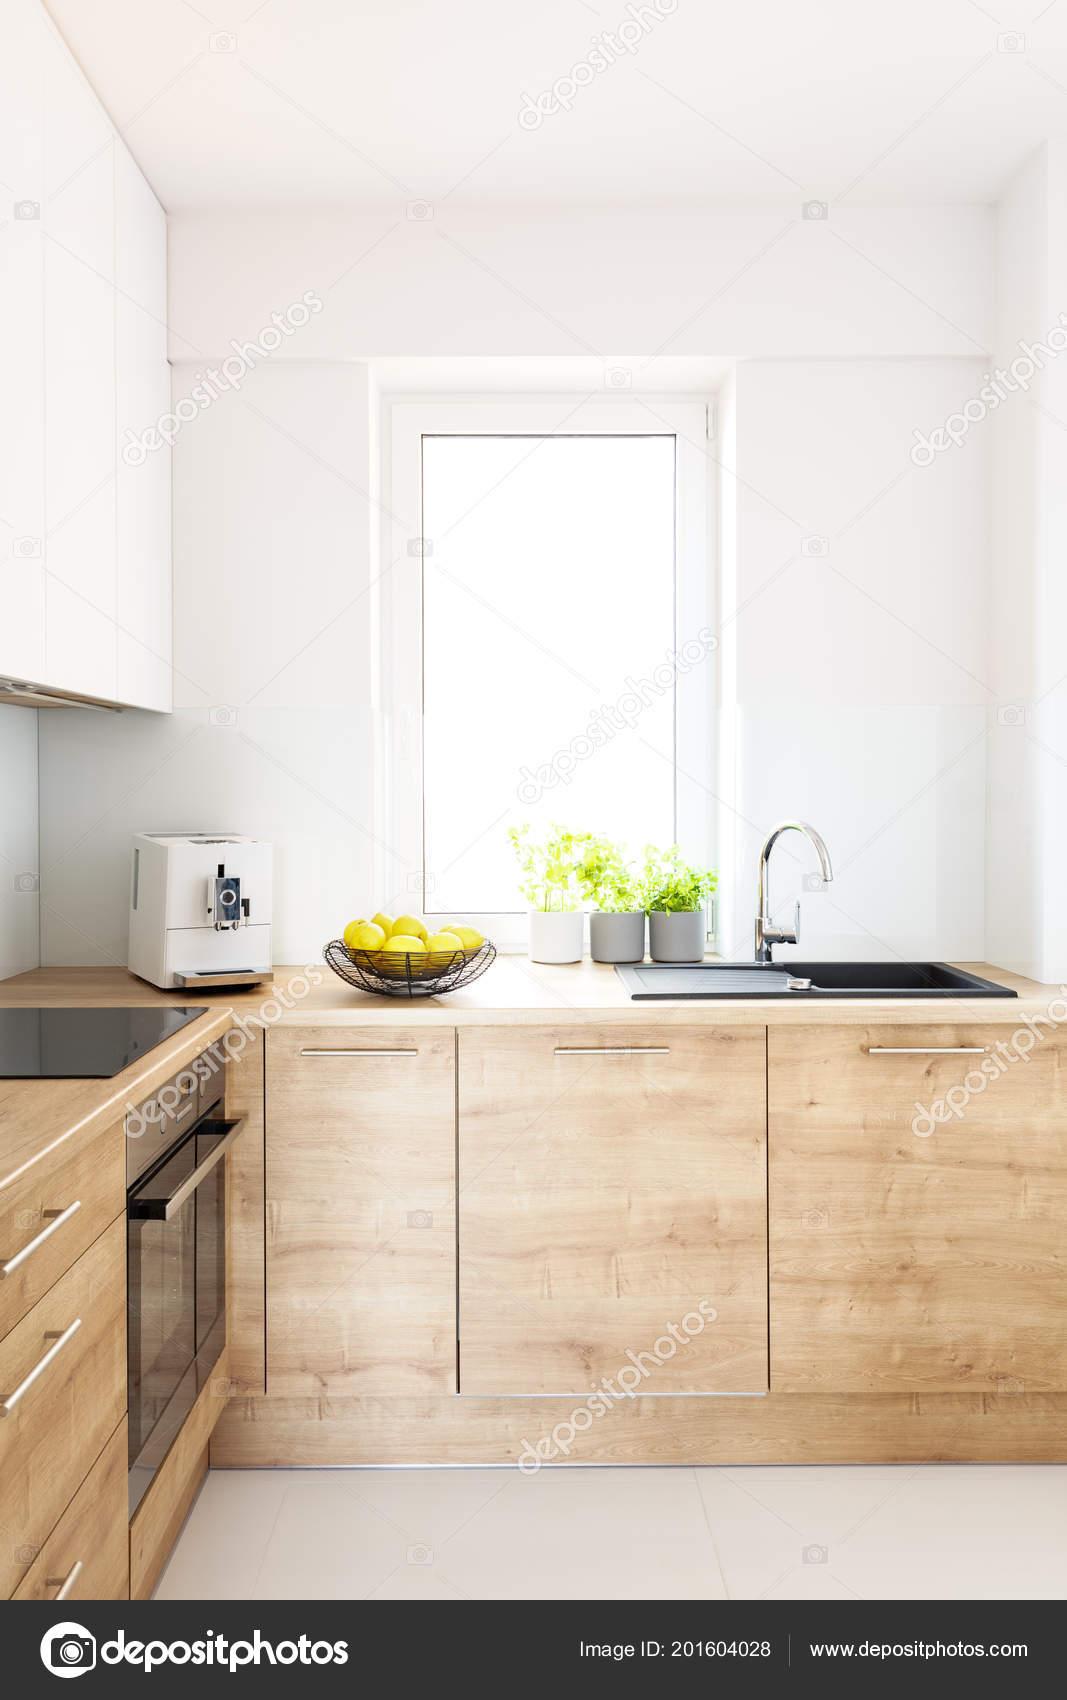 Fenster Schränke Minimale Hell Mit Küche Hölzerne Innen Weiße Echtes N0wvm8nyOP